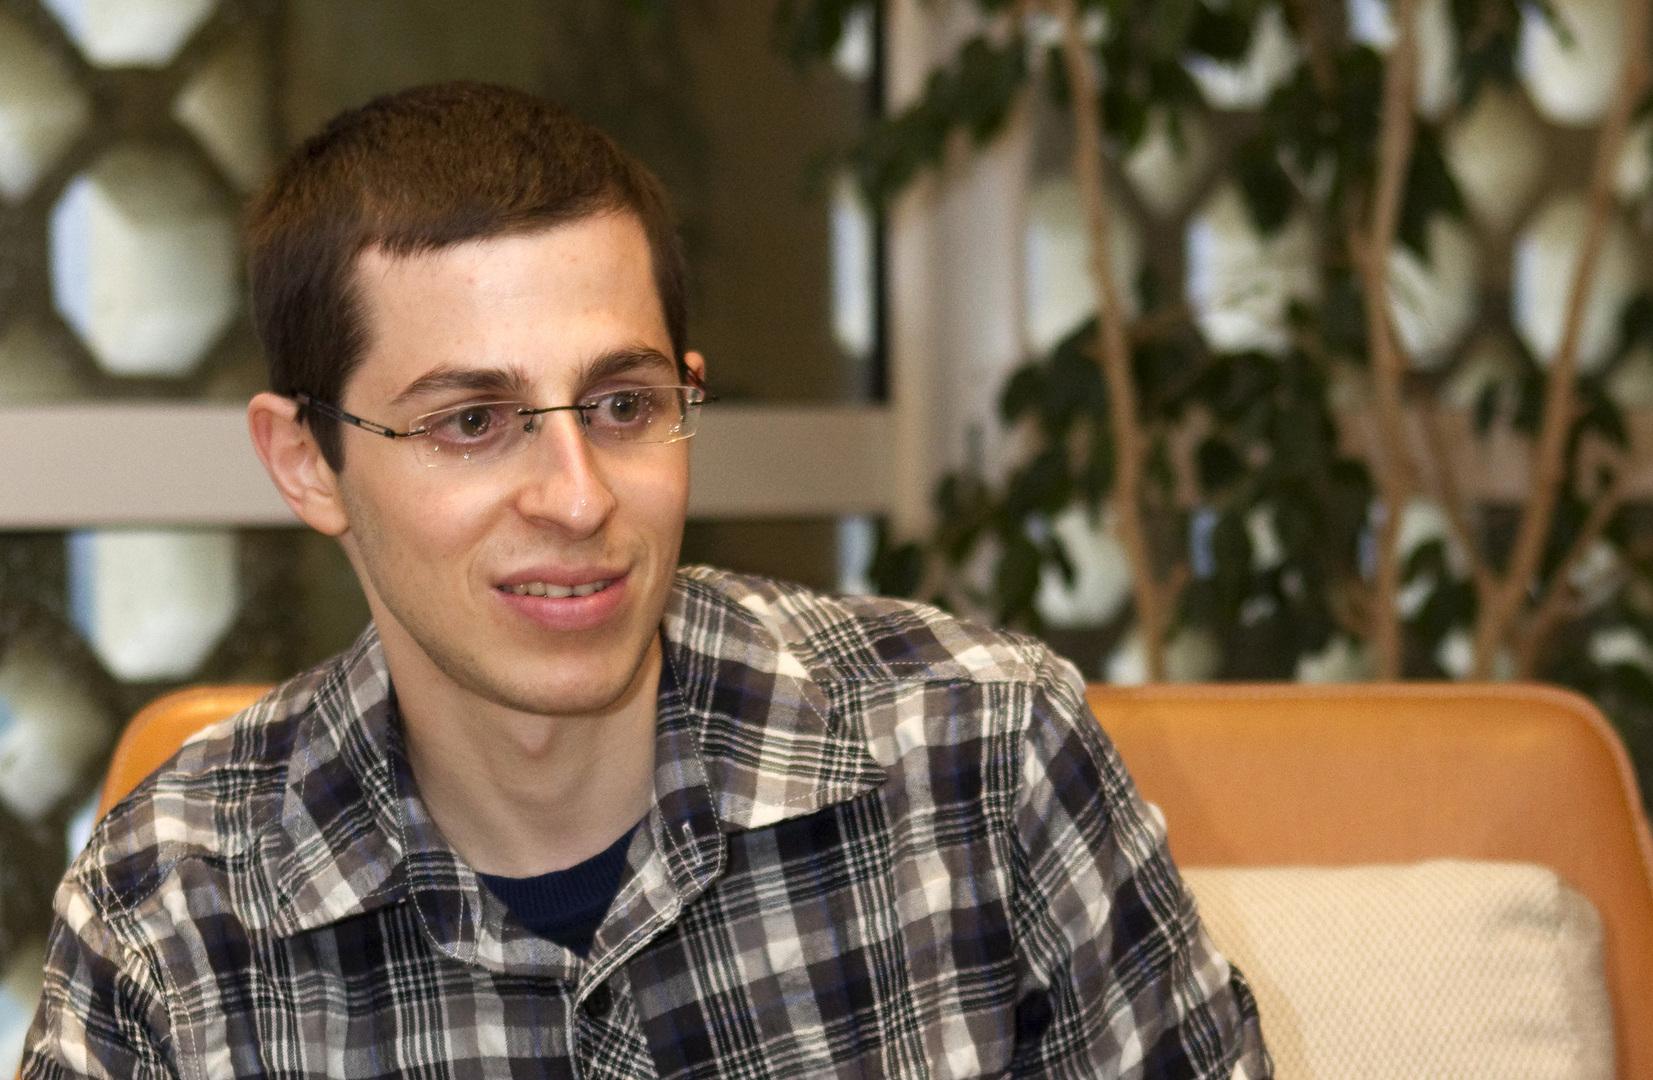 اهتمام غزاوي بزواج جلعاد شاليط للمرة الثالثة منذ إطلاق سراحه!